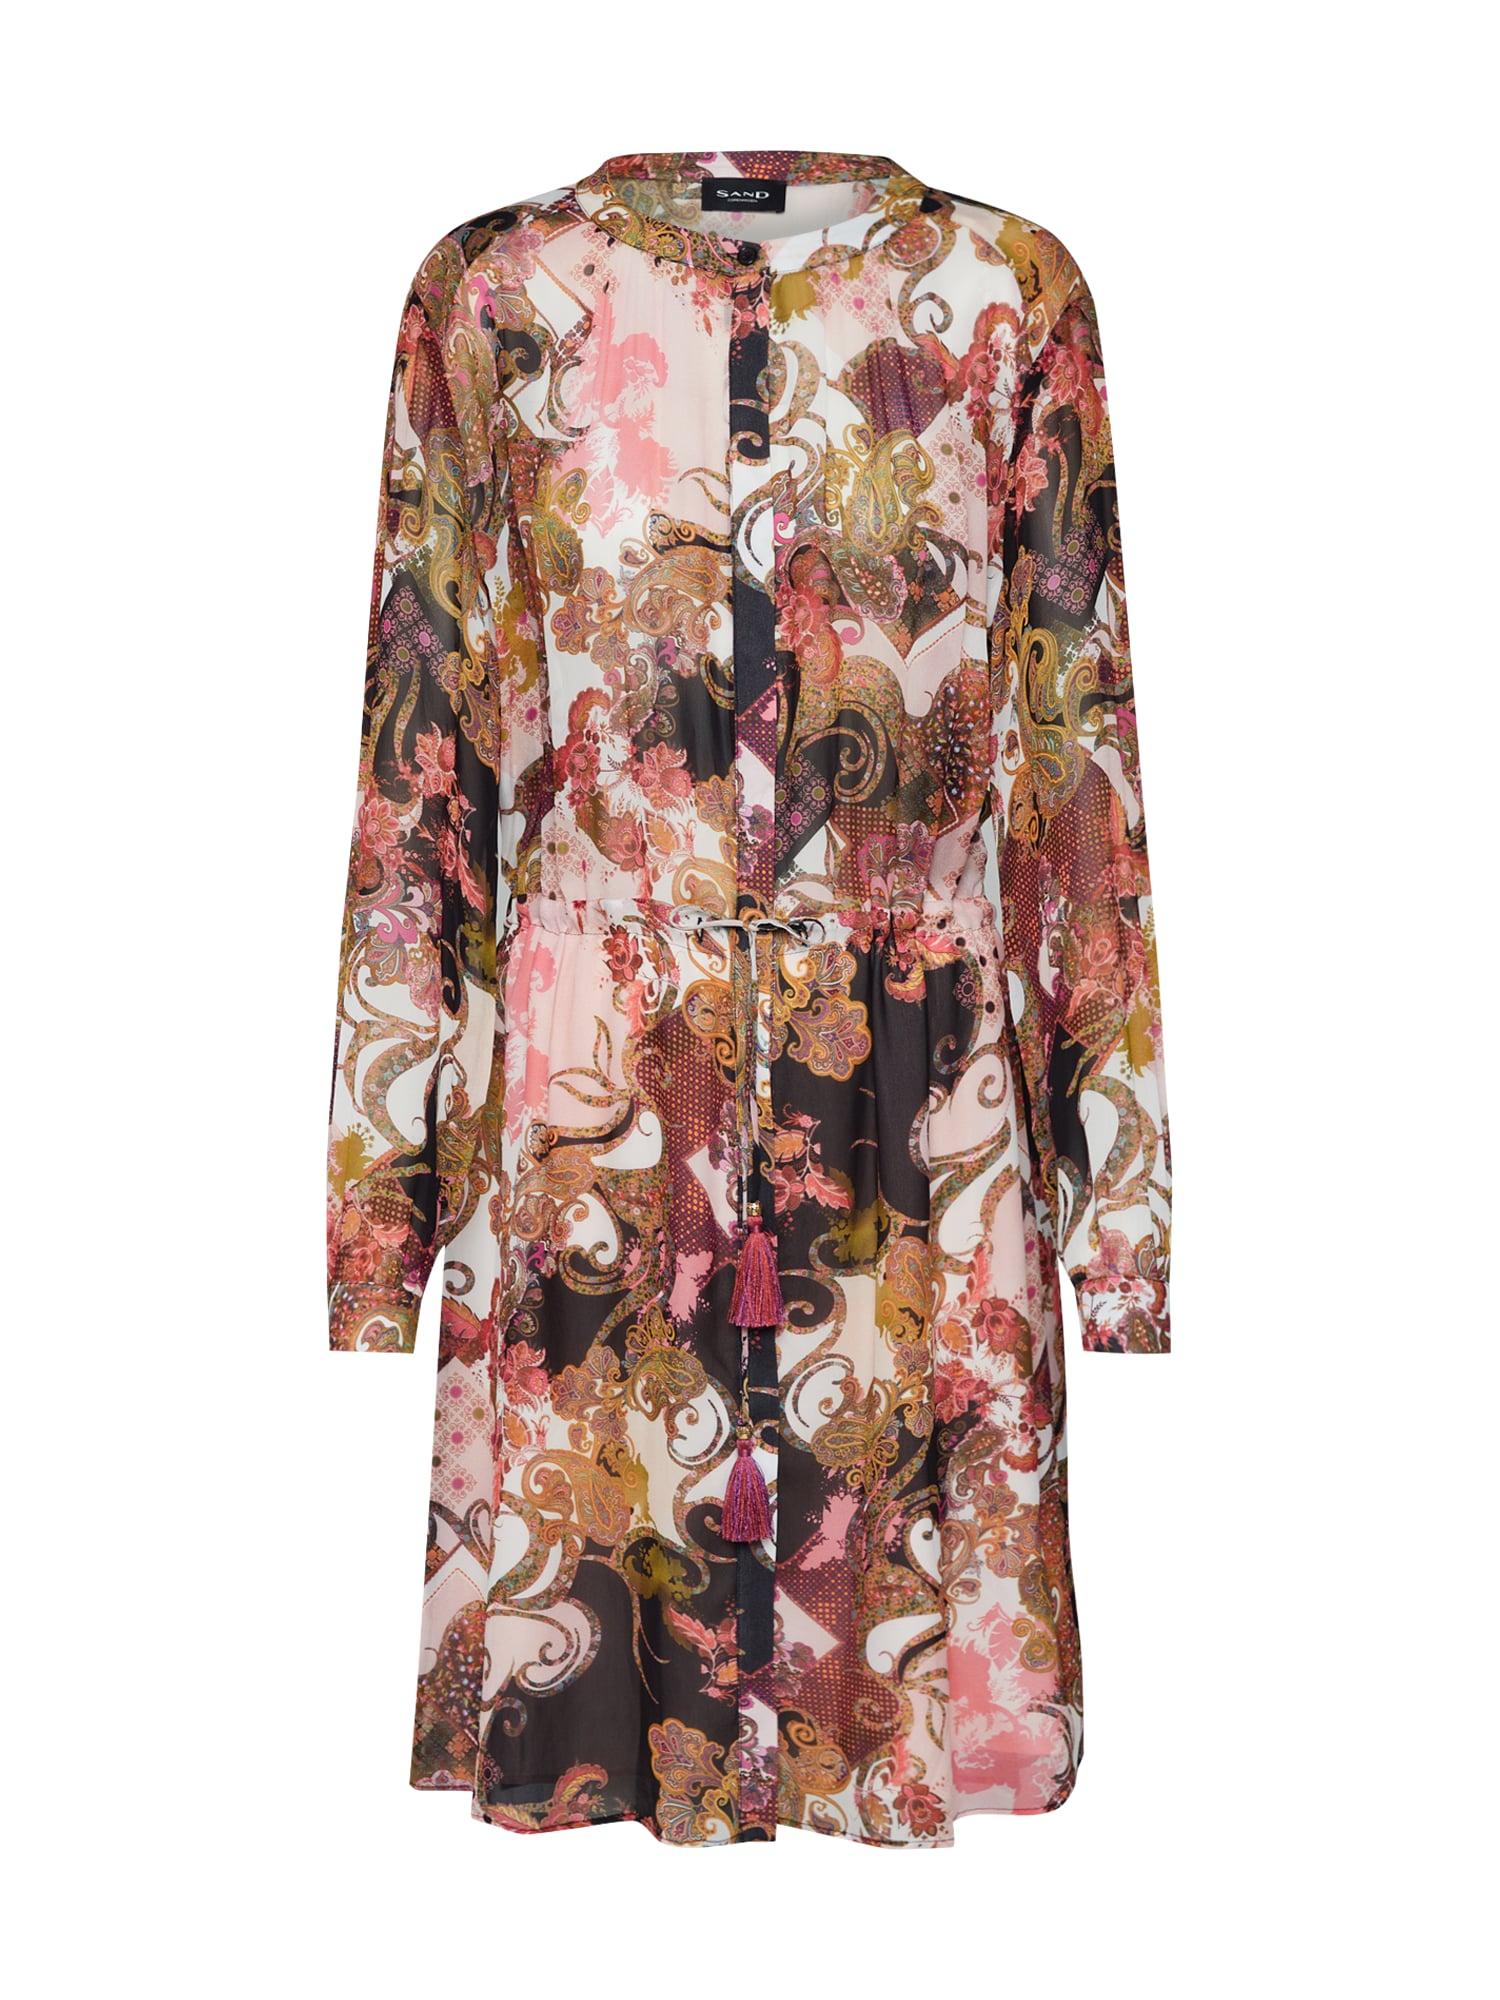 Letní šaty Zihia mix barev SAND COPENHAGEN